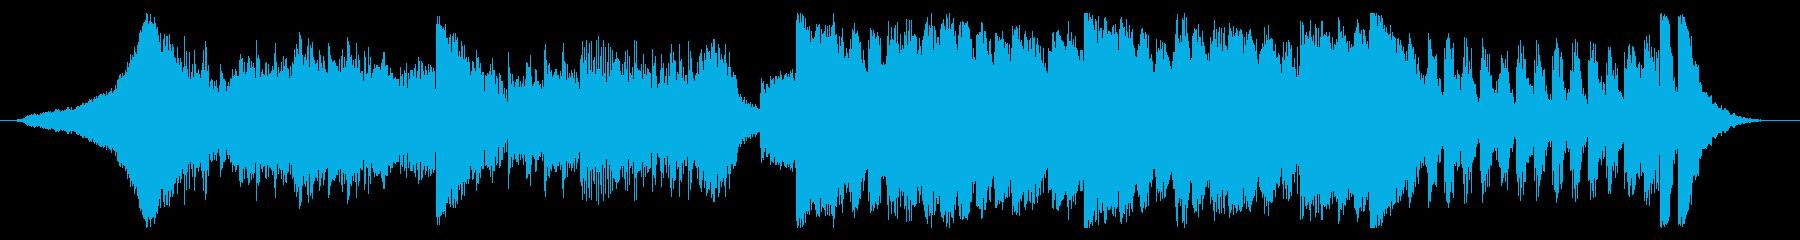 少し怪しさのあるロック-15秒Verの再生済みの波形